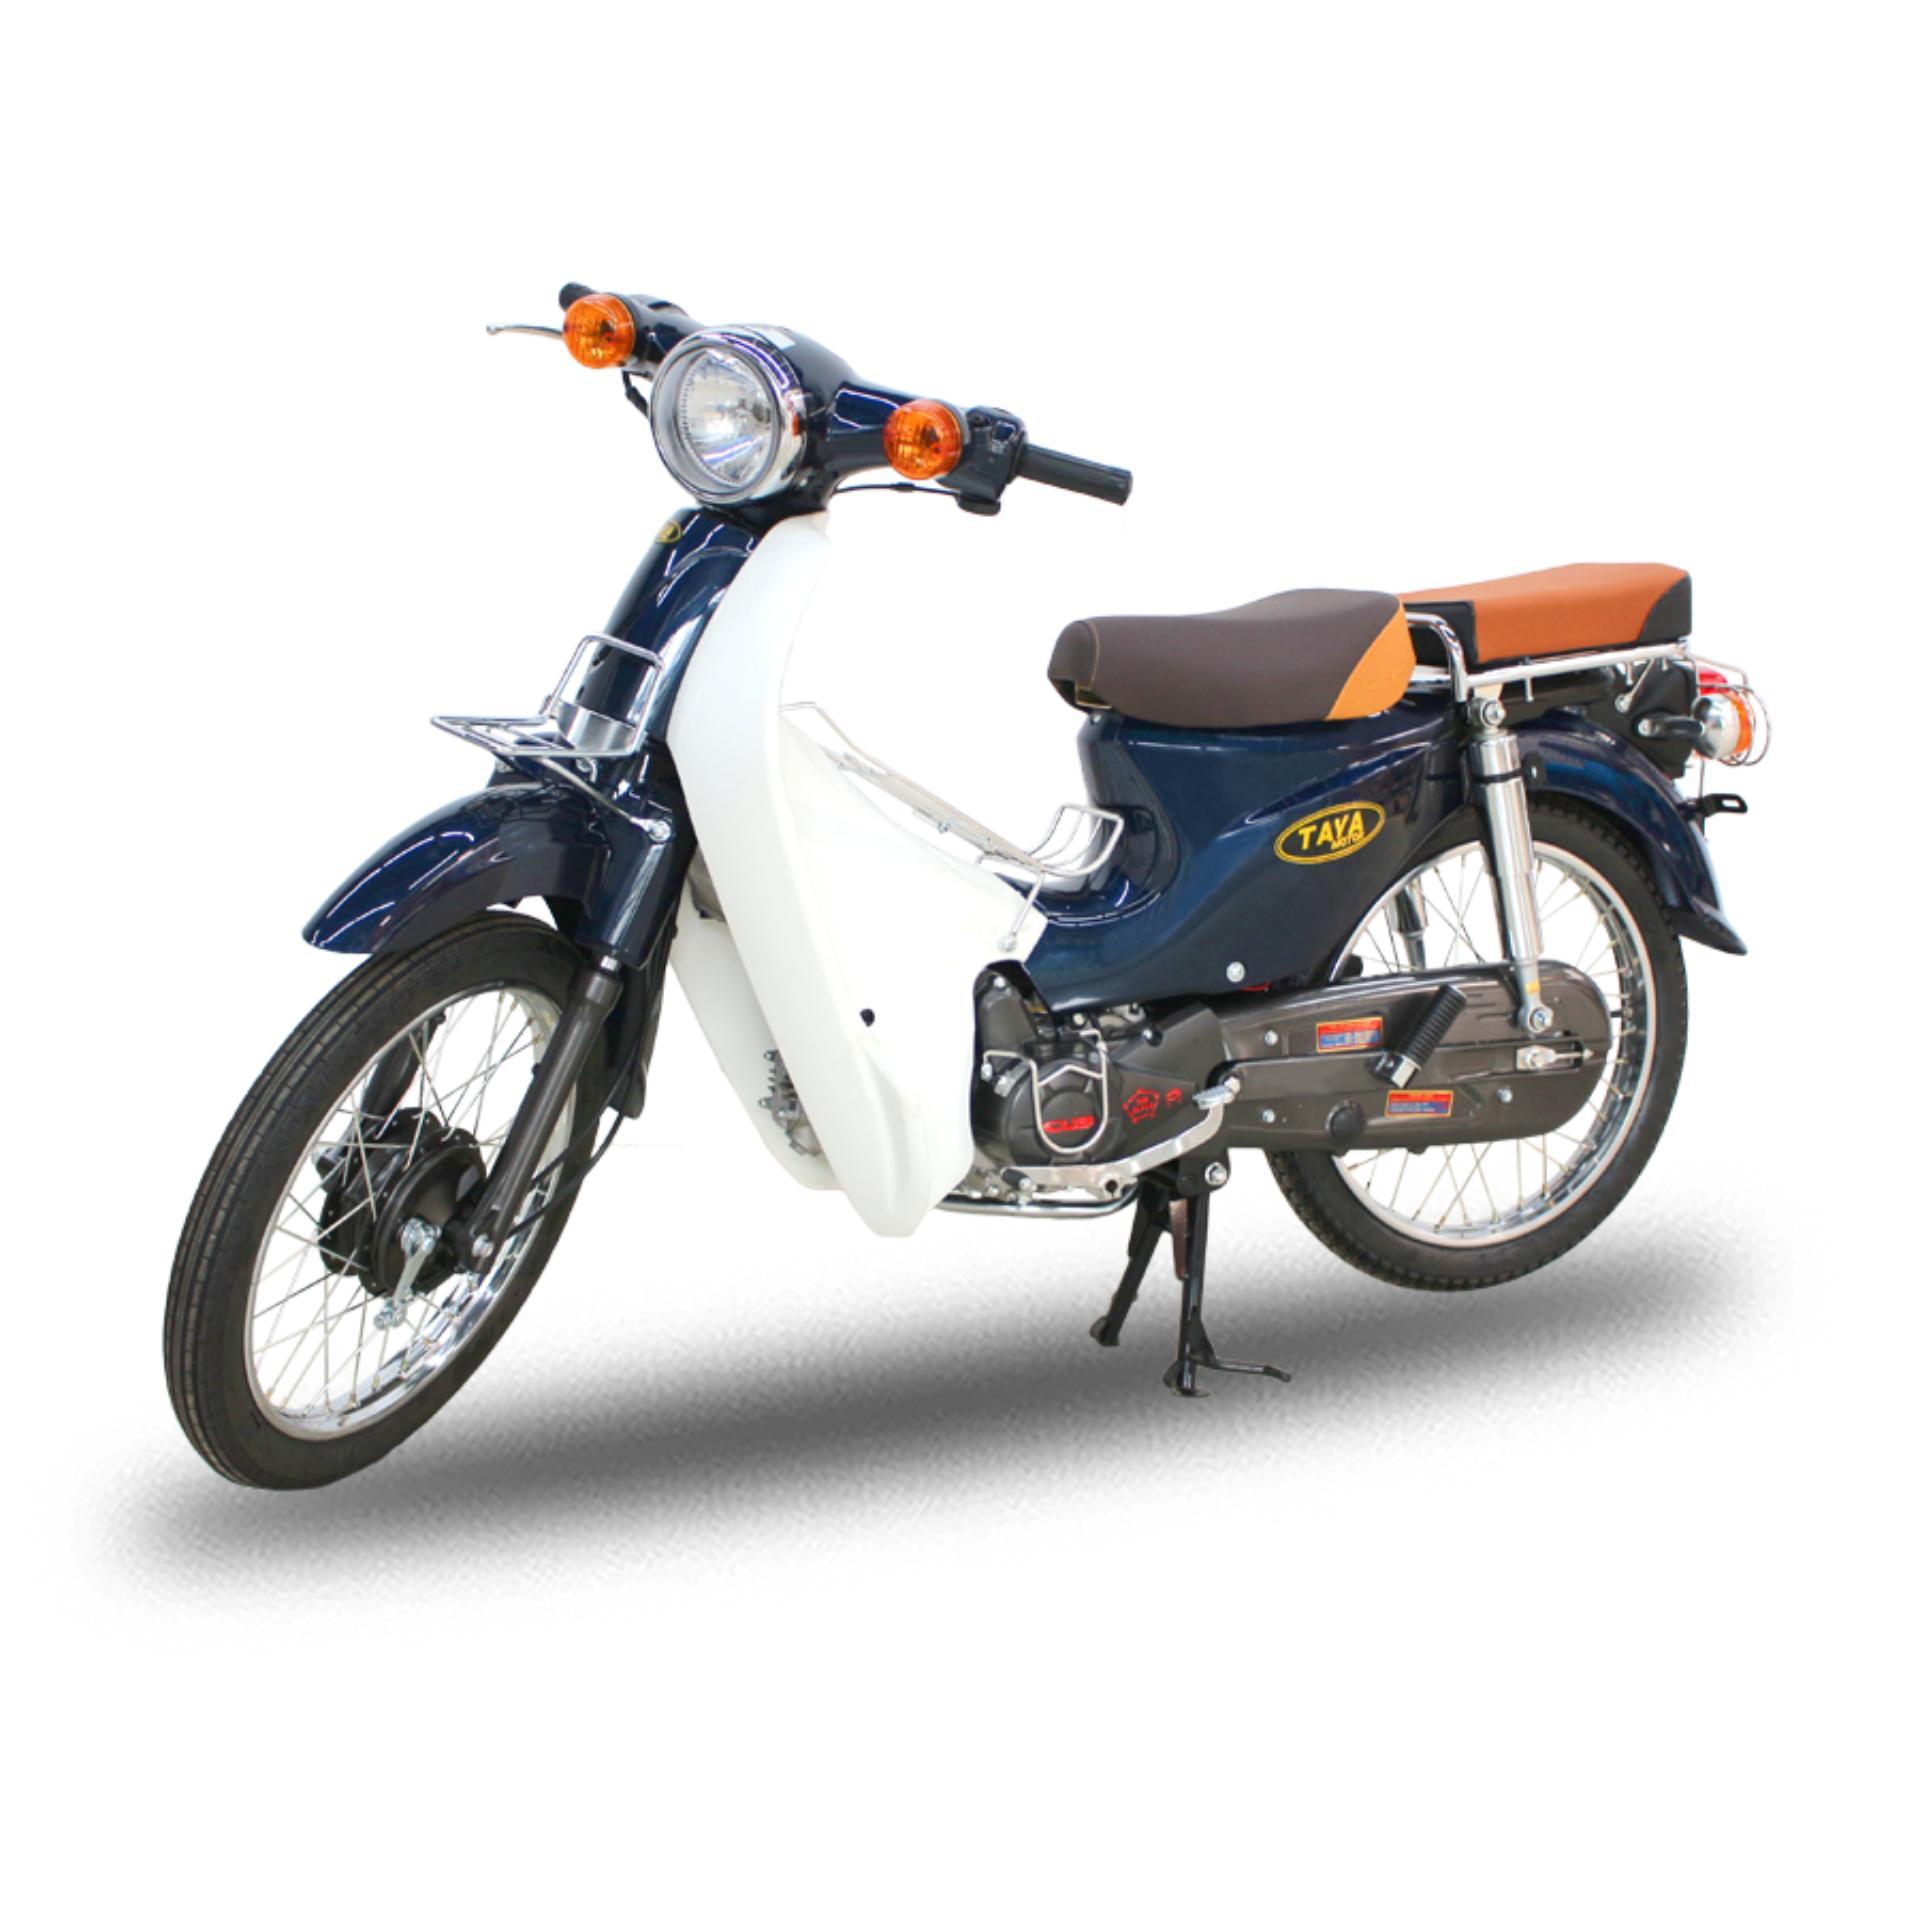 Xe cub 81 TAYA (xanh cửu long) NHẬT BẢN